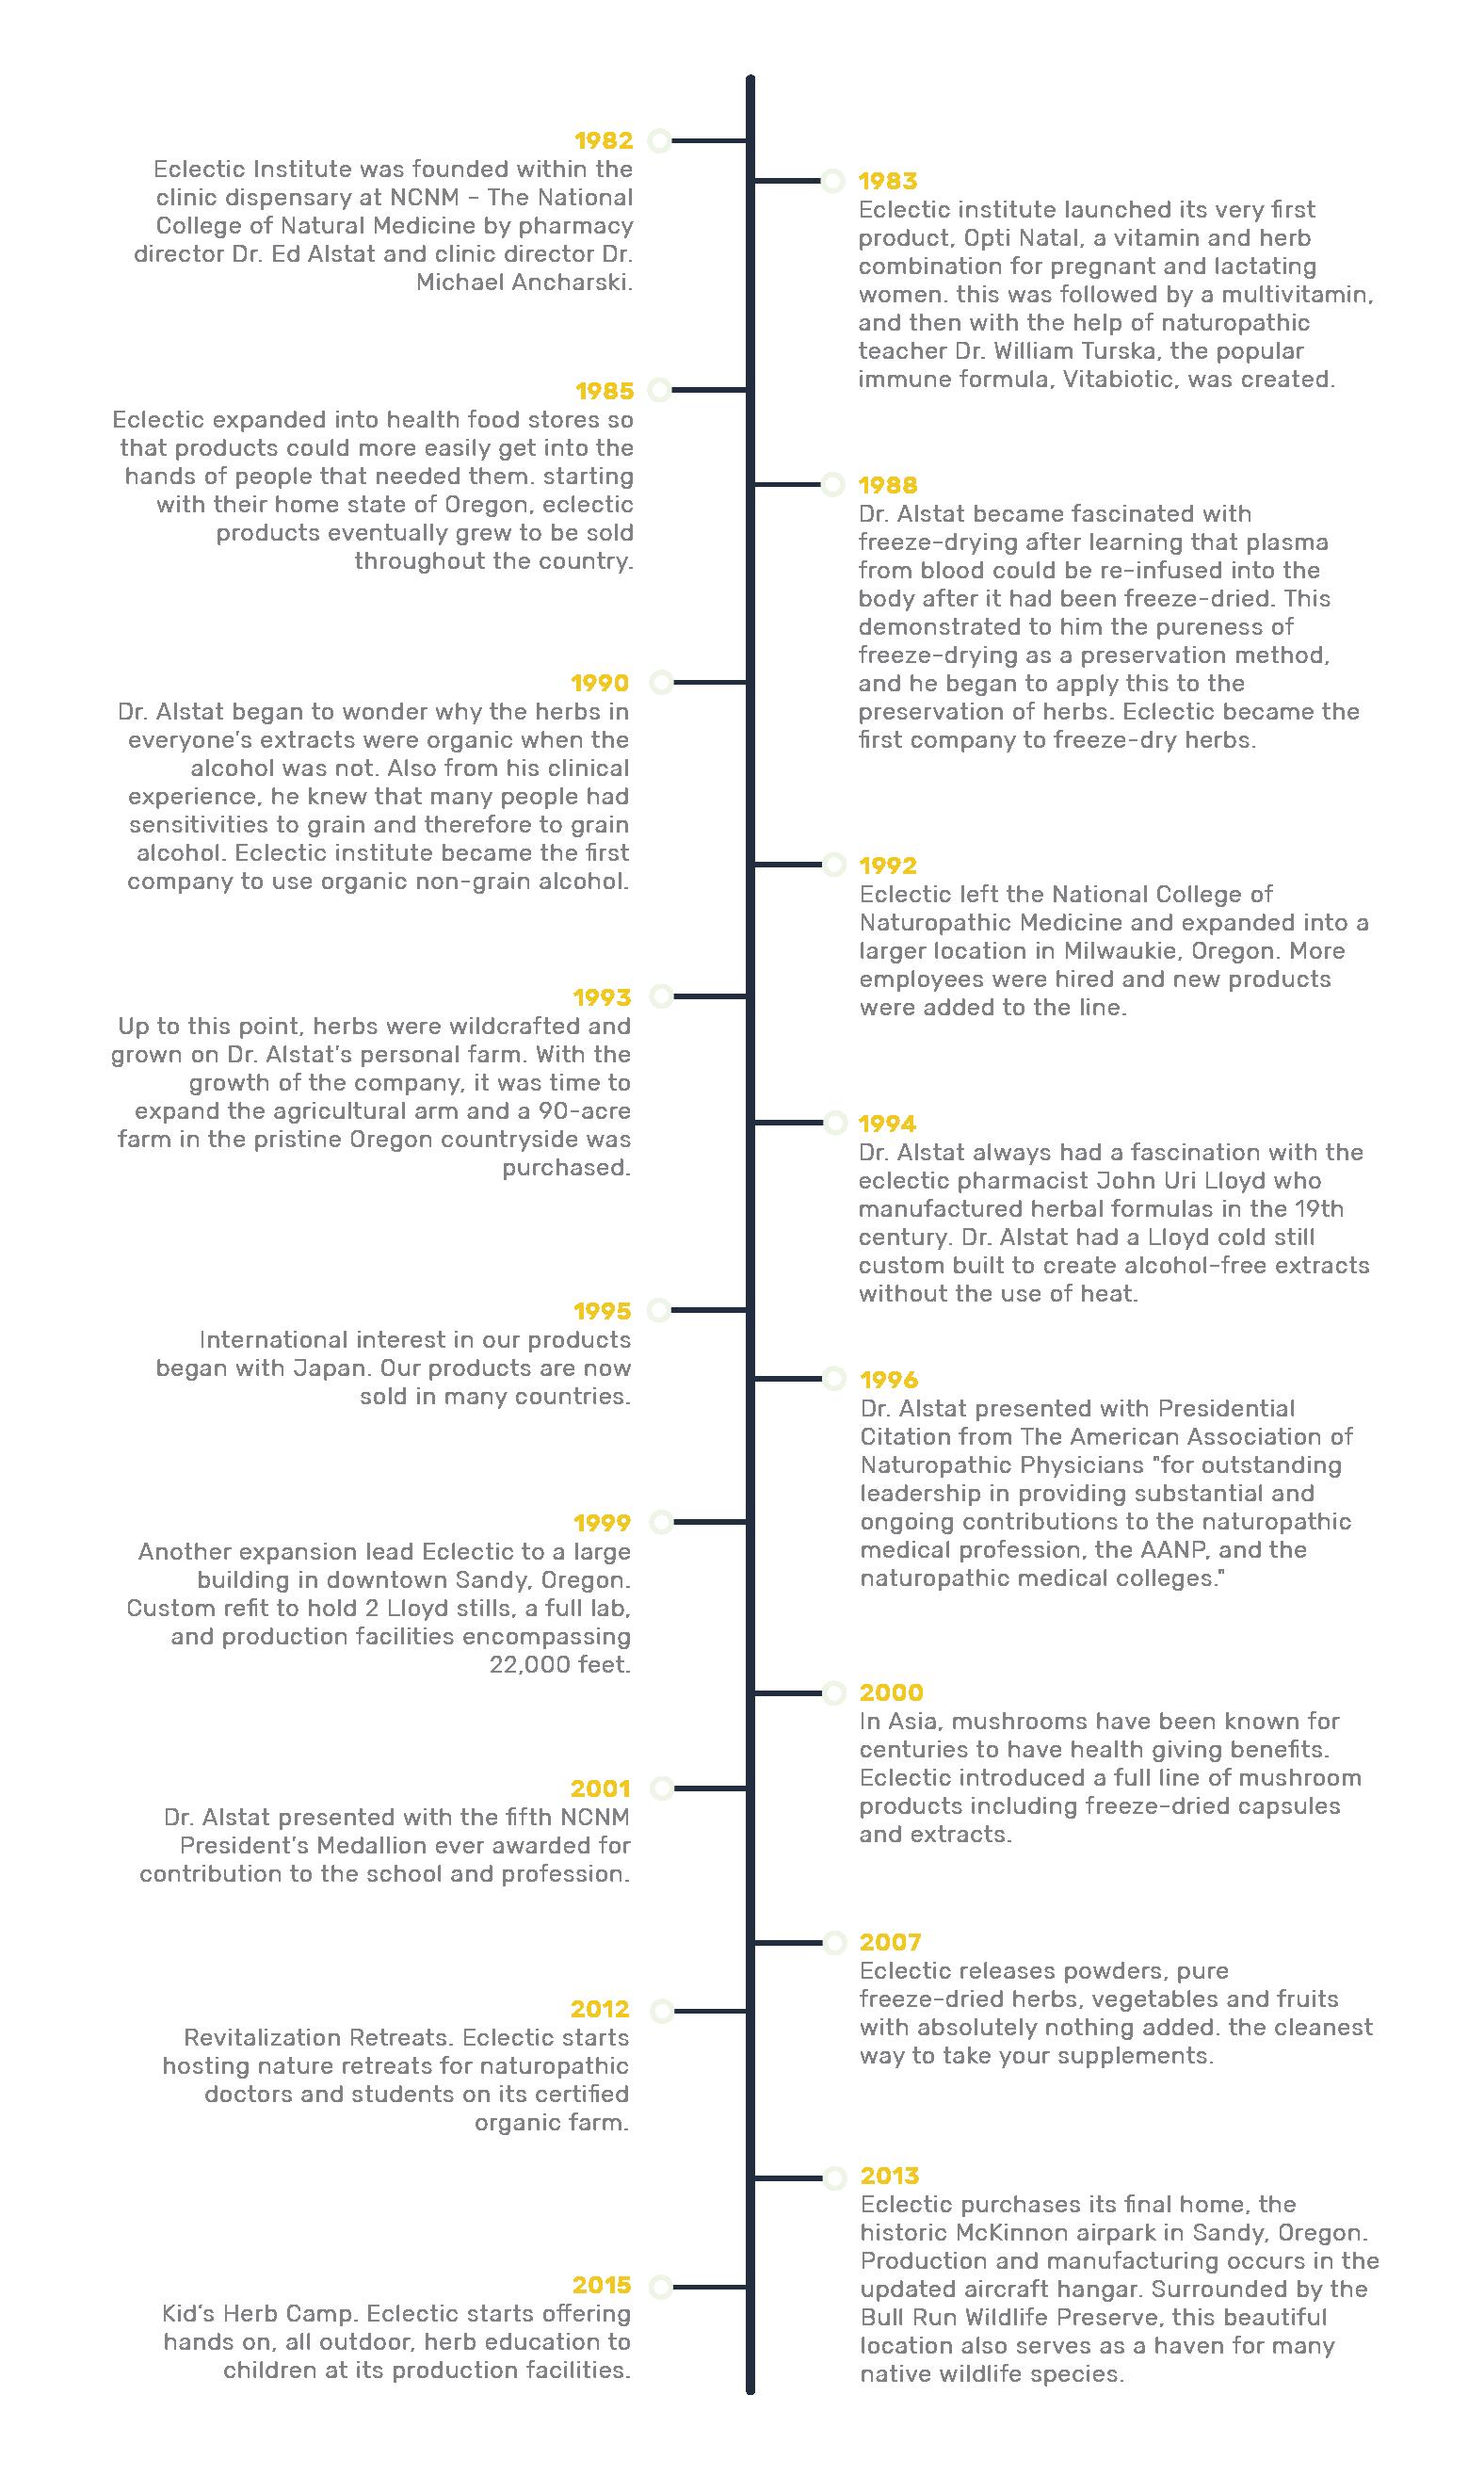 Opti Timeline-02.png